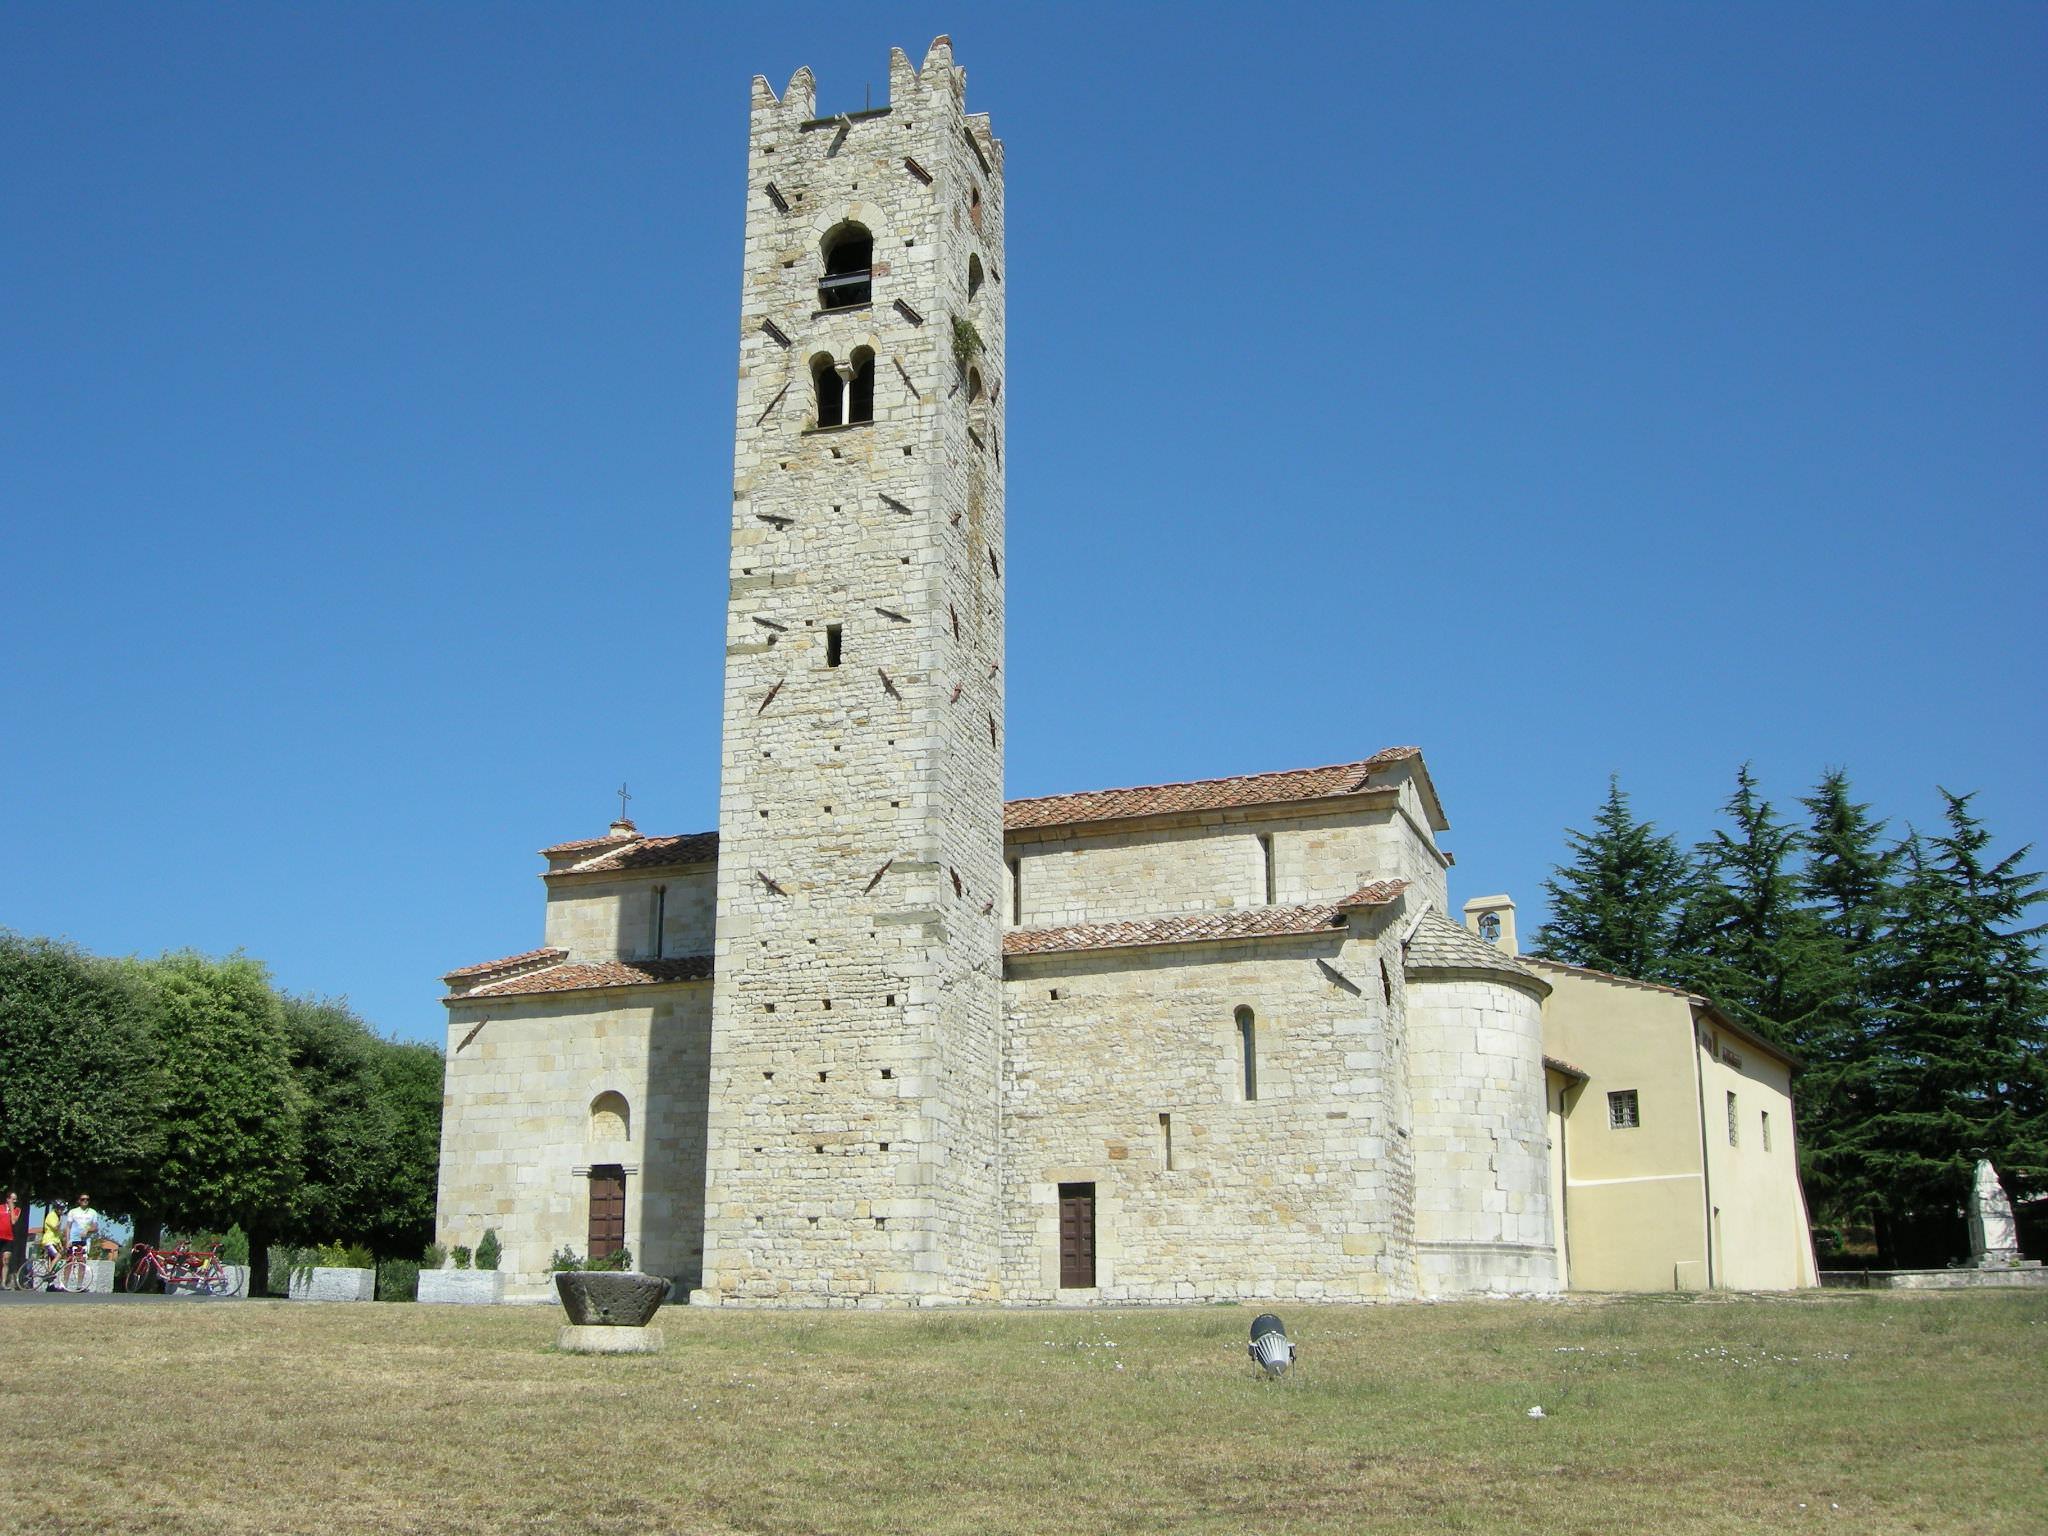 Chiesa Romanica di Pieve a Elici